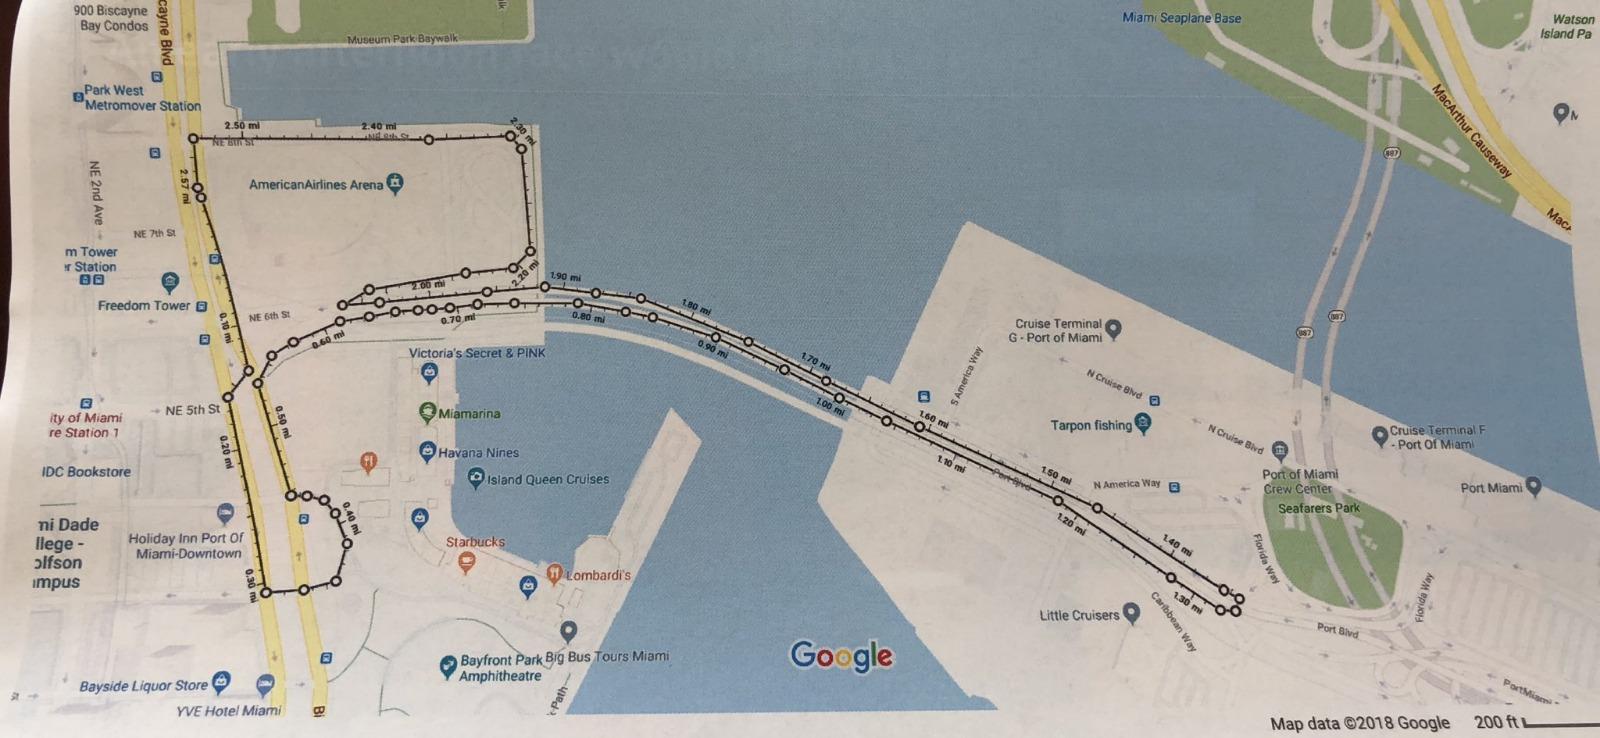 The proposed track for the 2019 Miami Grand Prix